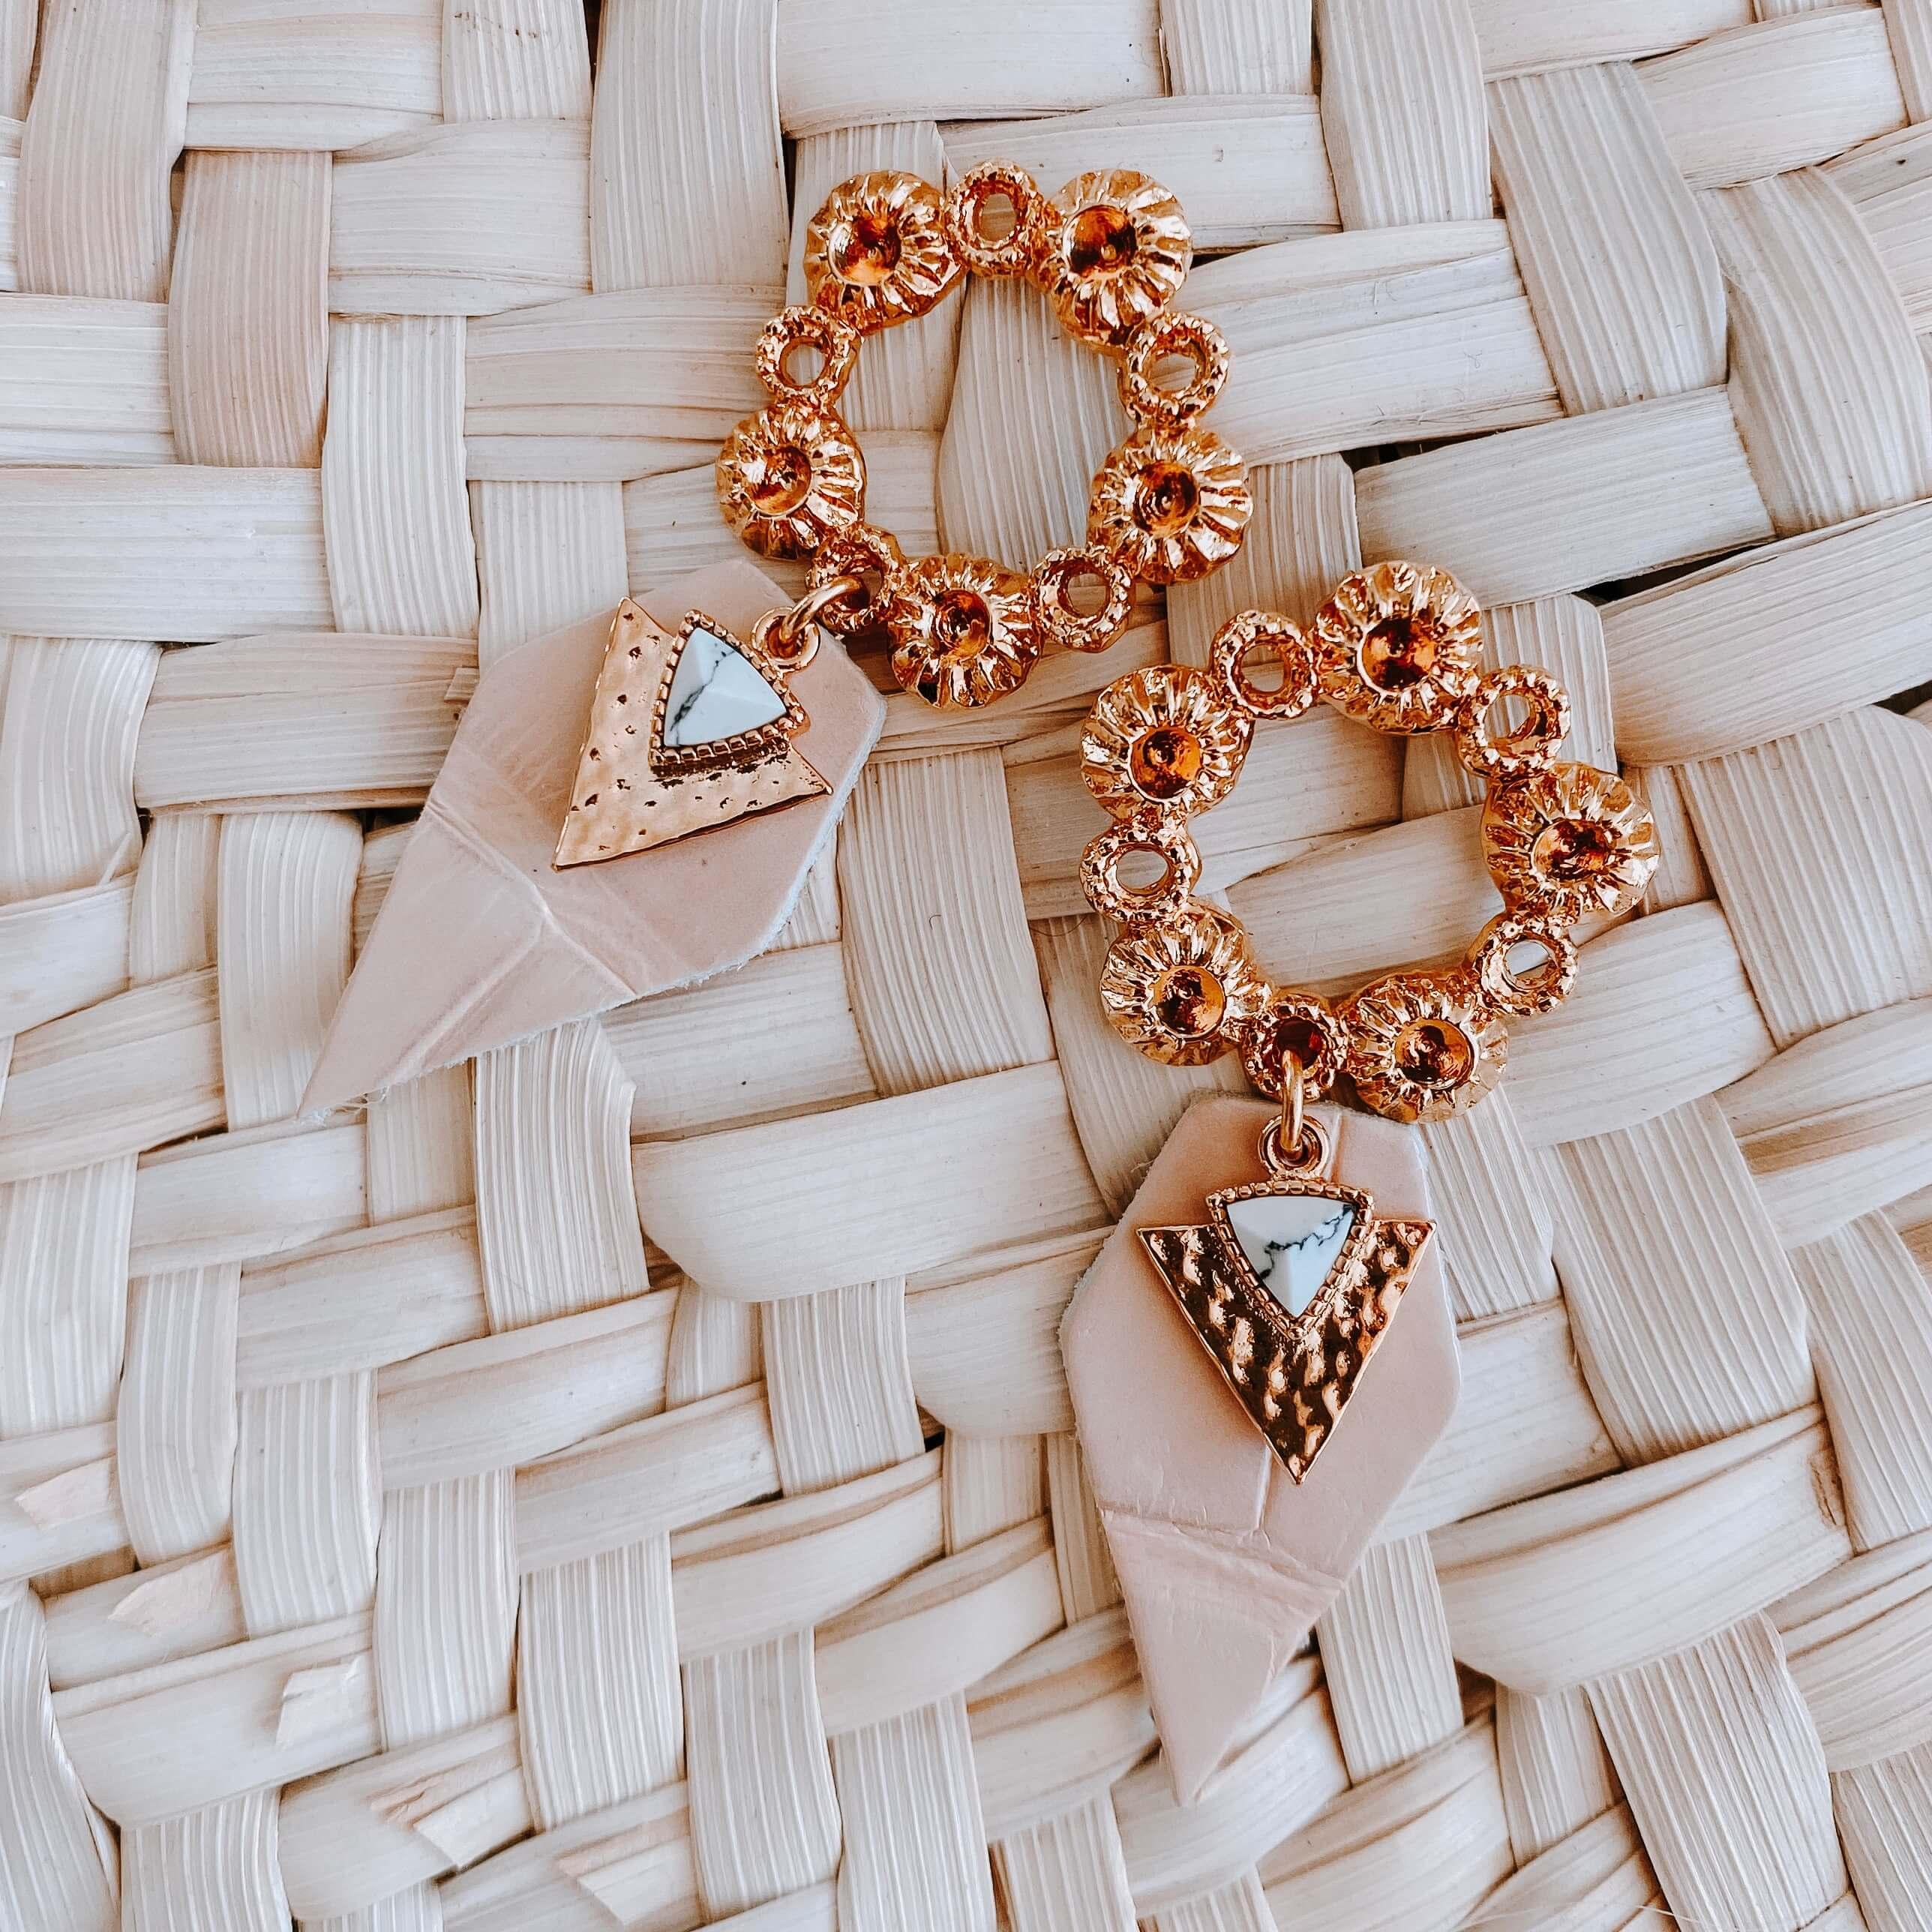 boucles d'oreilles rose pâle Cénélia - Daisy